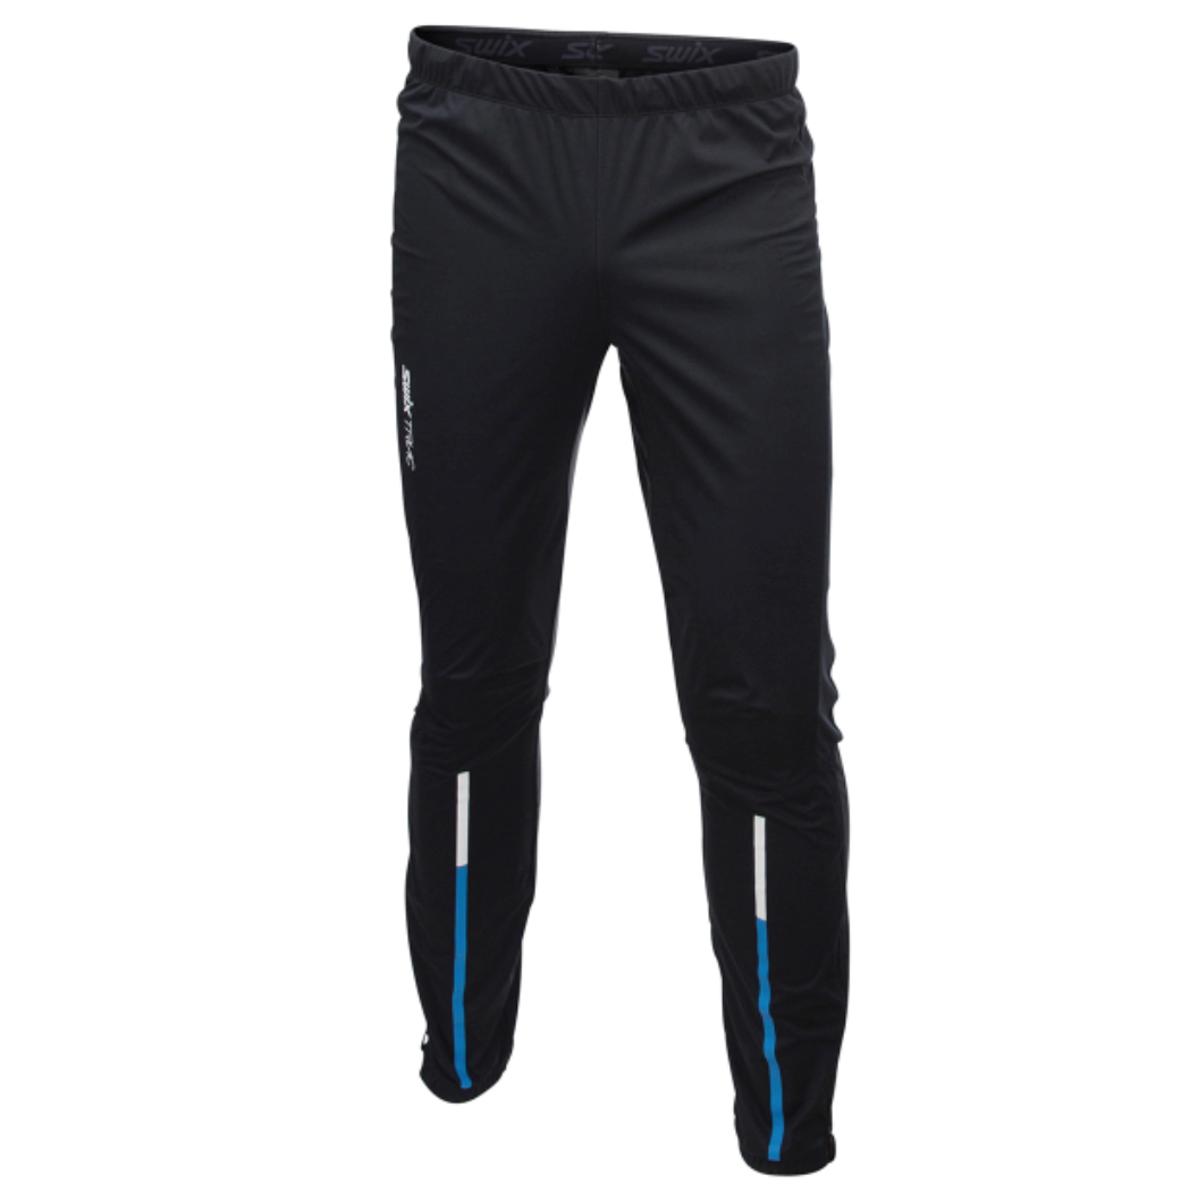 Swix swix triac 3.0 pants m black 10000 black